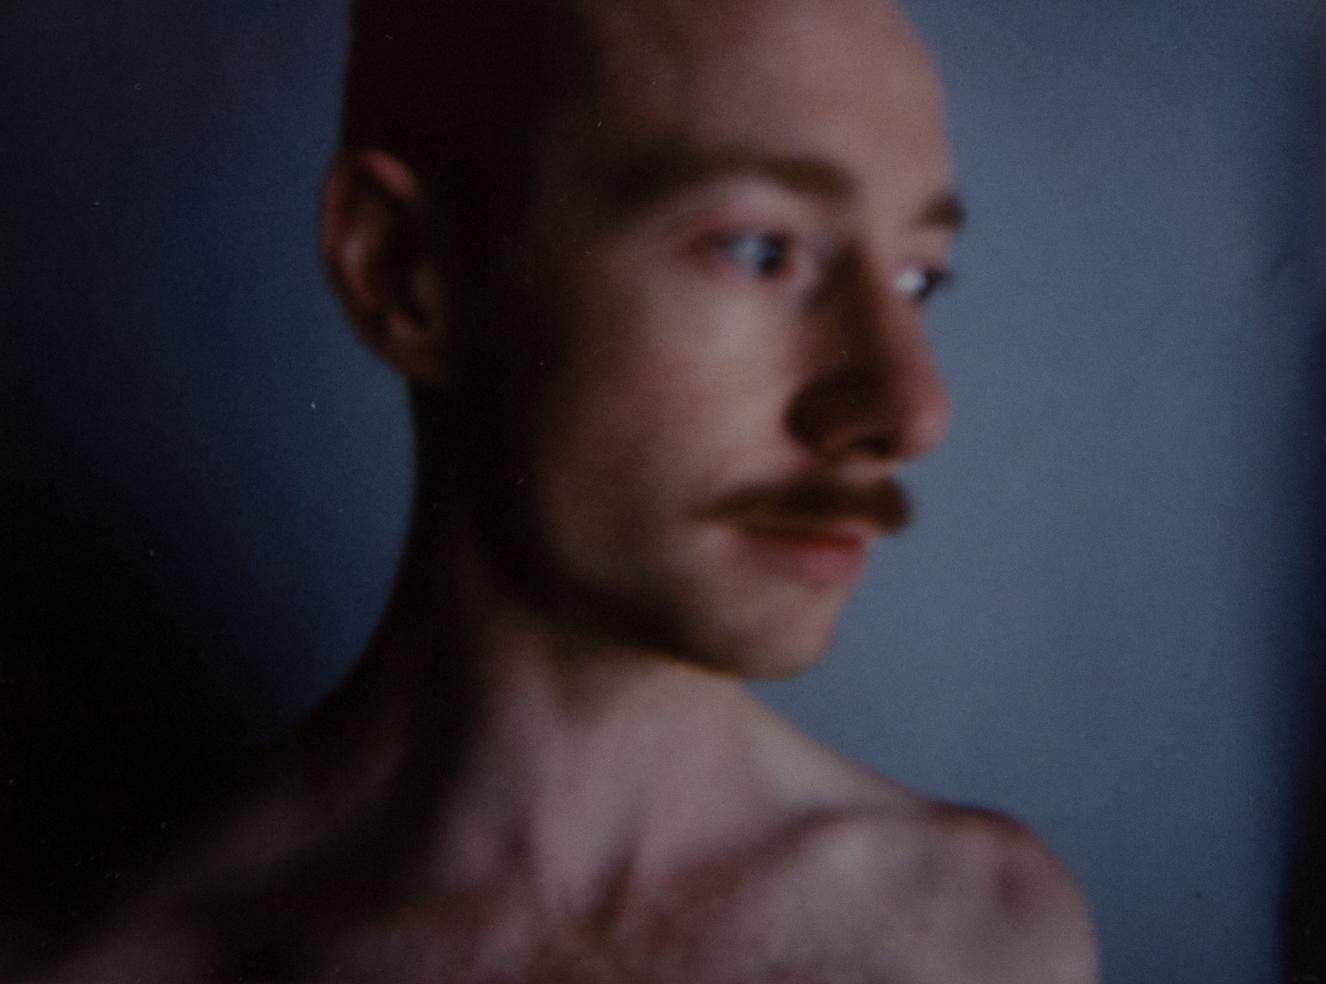 181128_portrait_Ben_a3-11.jpg